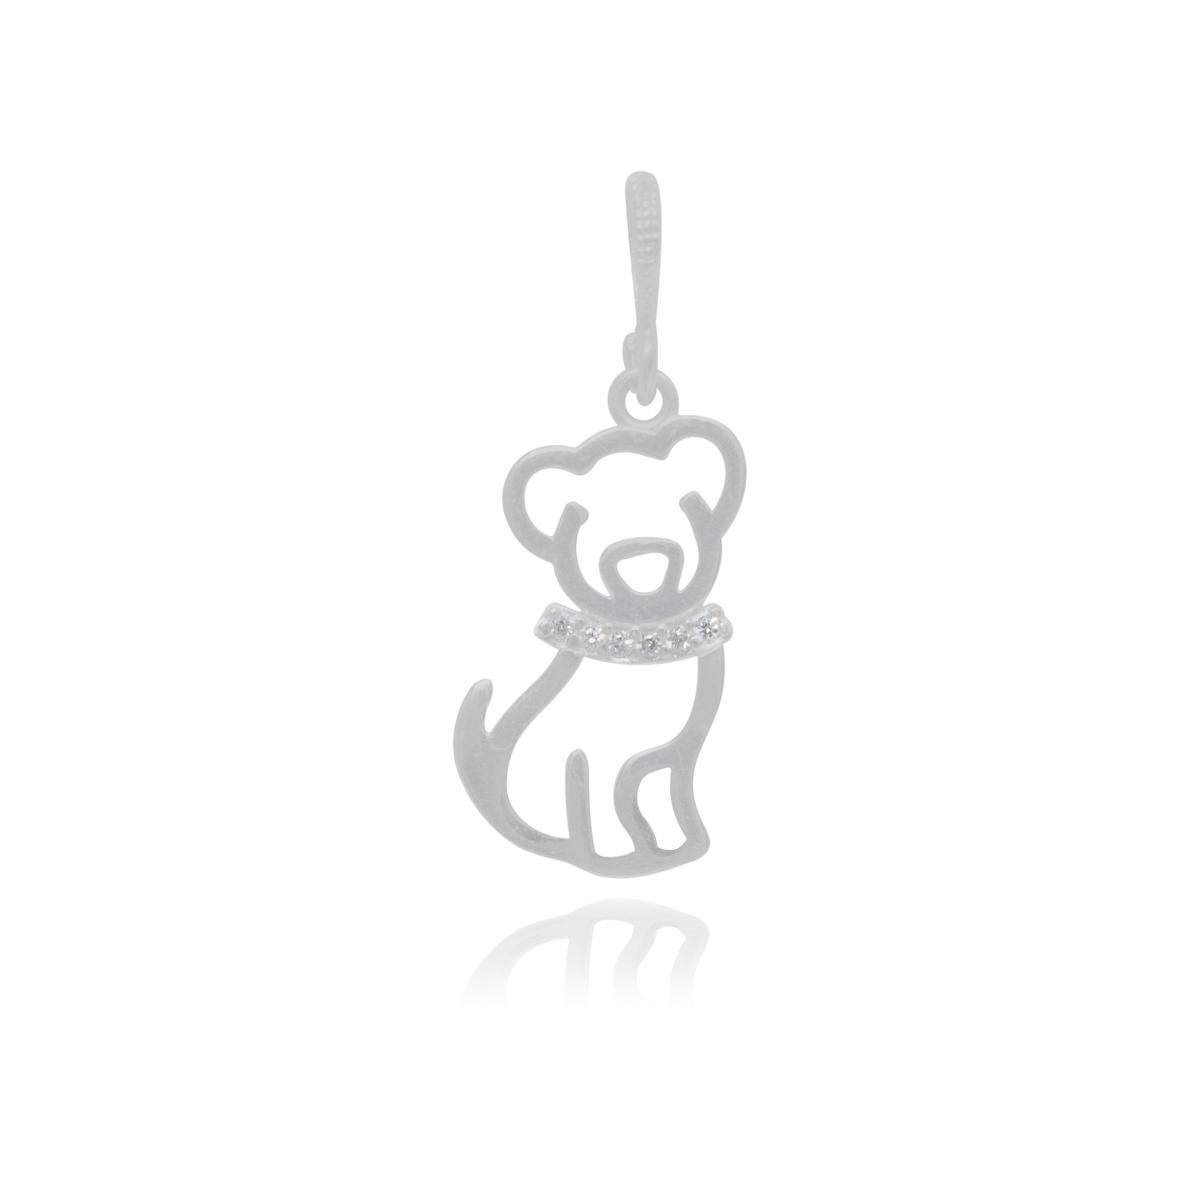 Pingente joia em prata de lei 925 pura cravejada Cão ou Gato